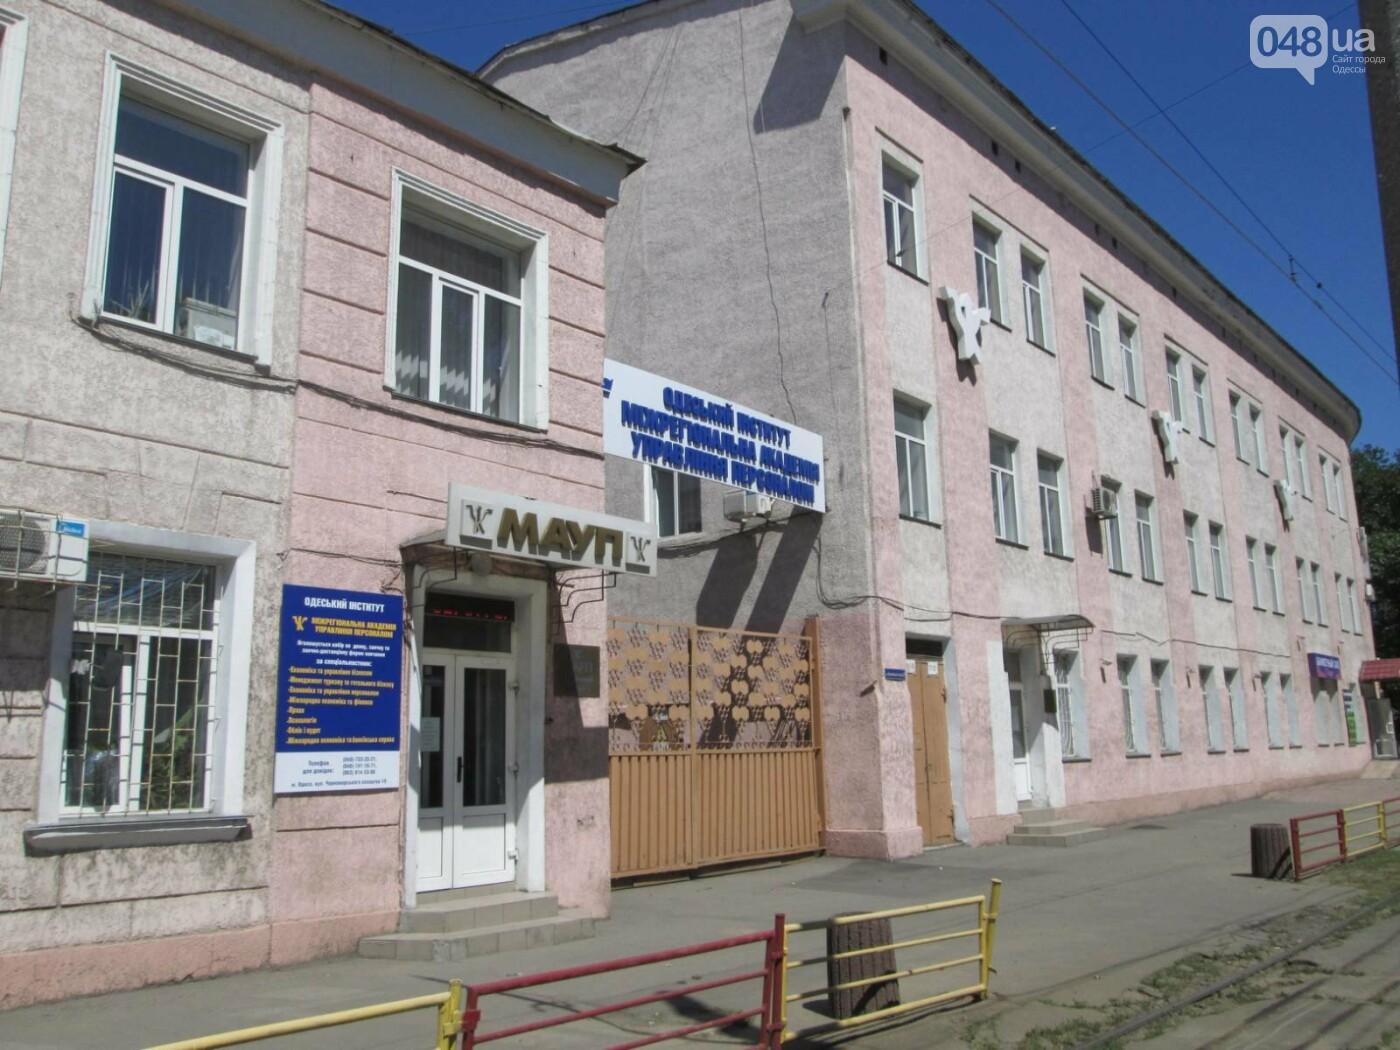 ТОП-10 ВУЗов Одессы: куда собираются поступать абитуриенты, фото-10